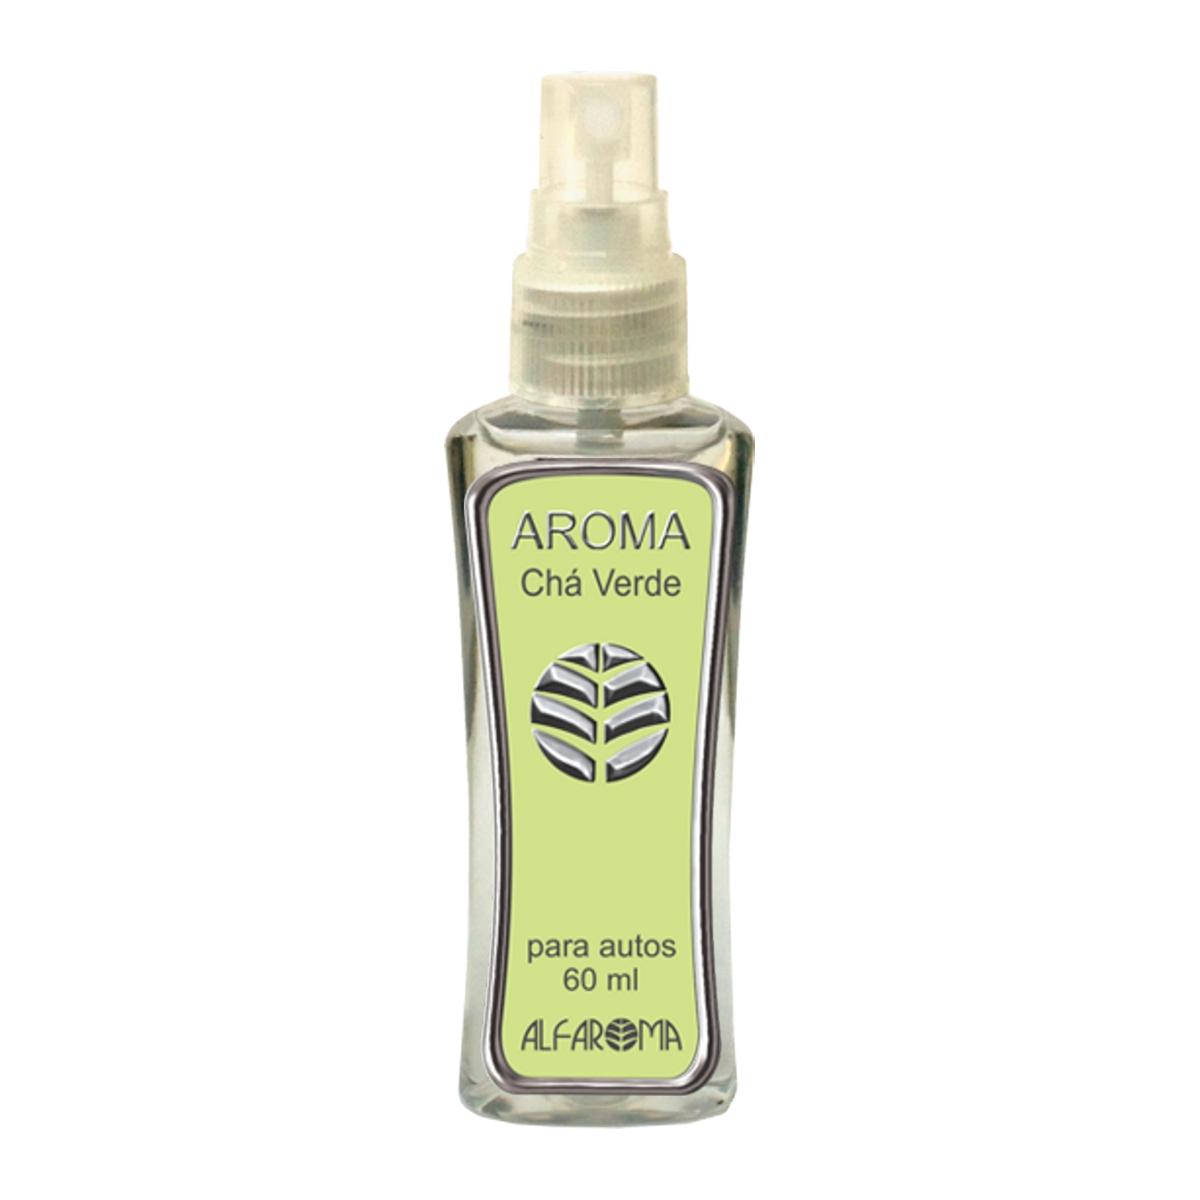 Aroma para autos Chá Verde Alfaroma 60 ML